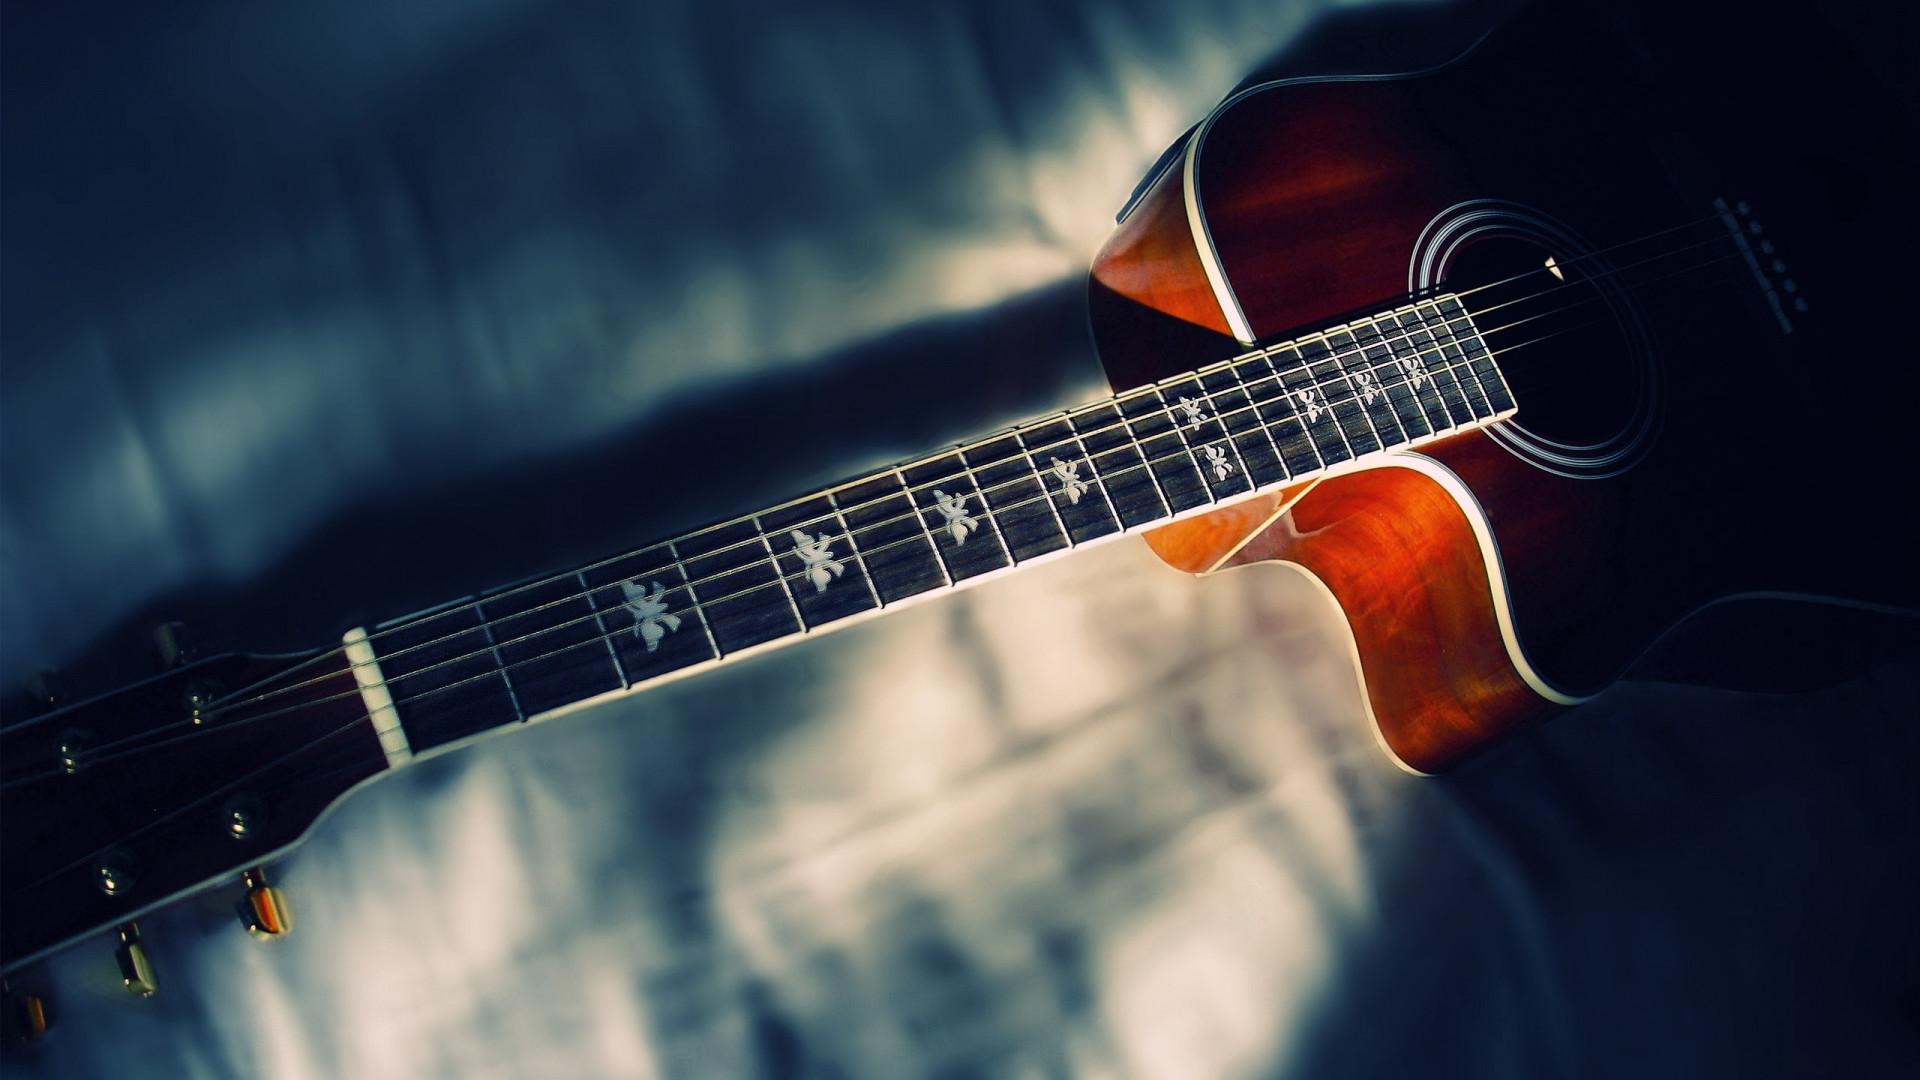 Guitar wallpapers for desktop wallpapertag - Free guitar wallpapers for pc ...